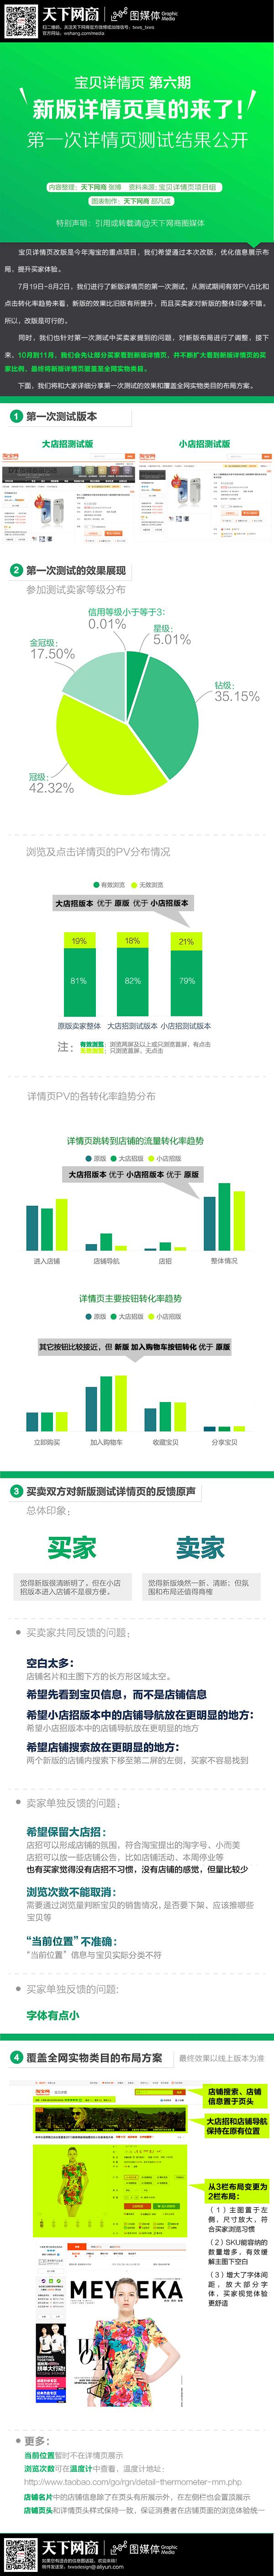 2013淘宝新详情页改版出炉